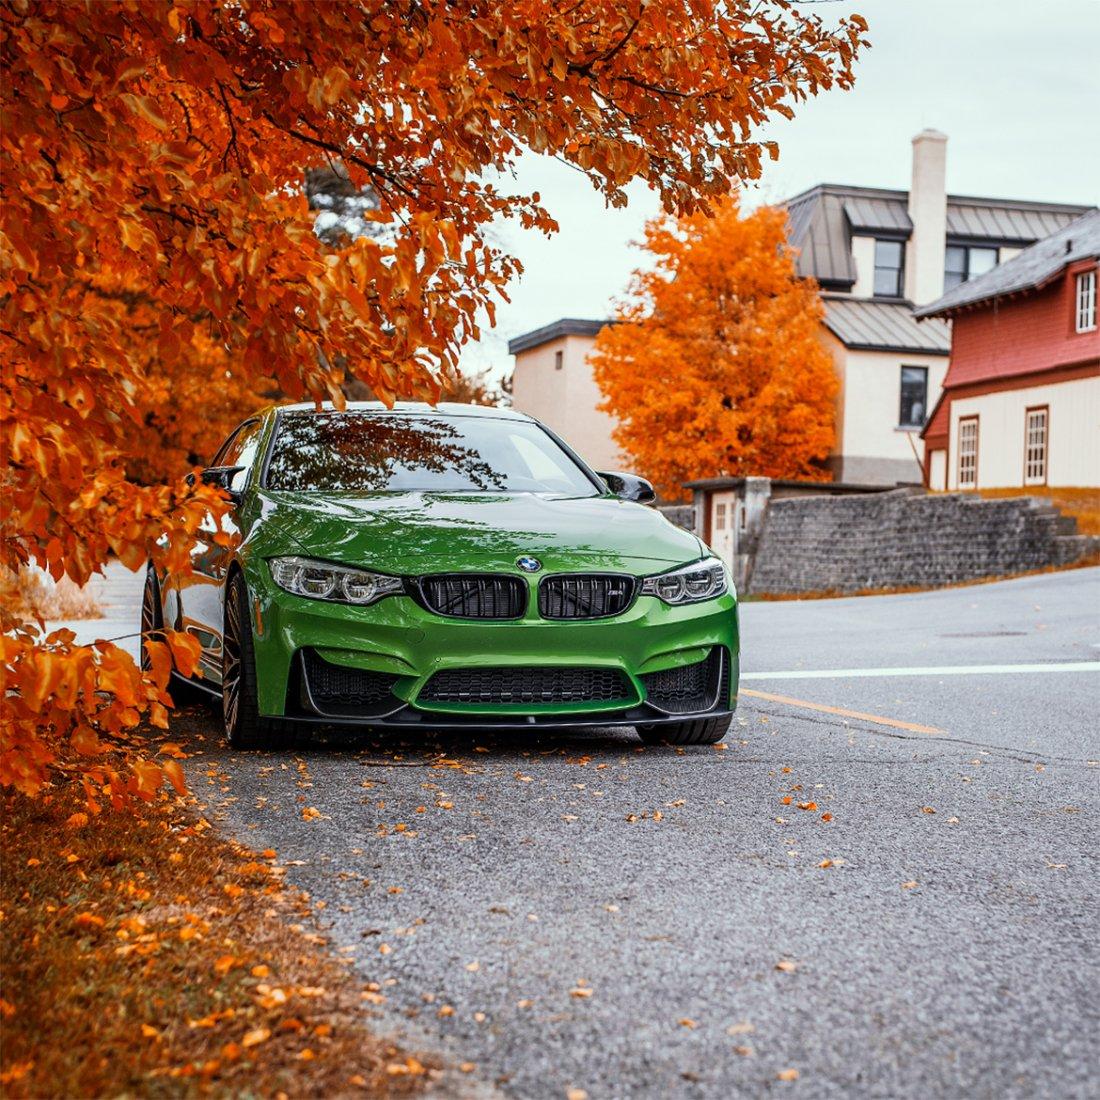 BMW M4 (Foto: Sam G., CC BY-NC-ND 4.0)